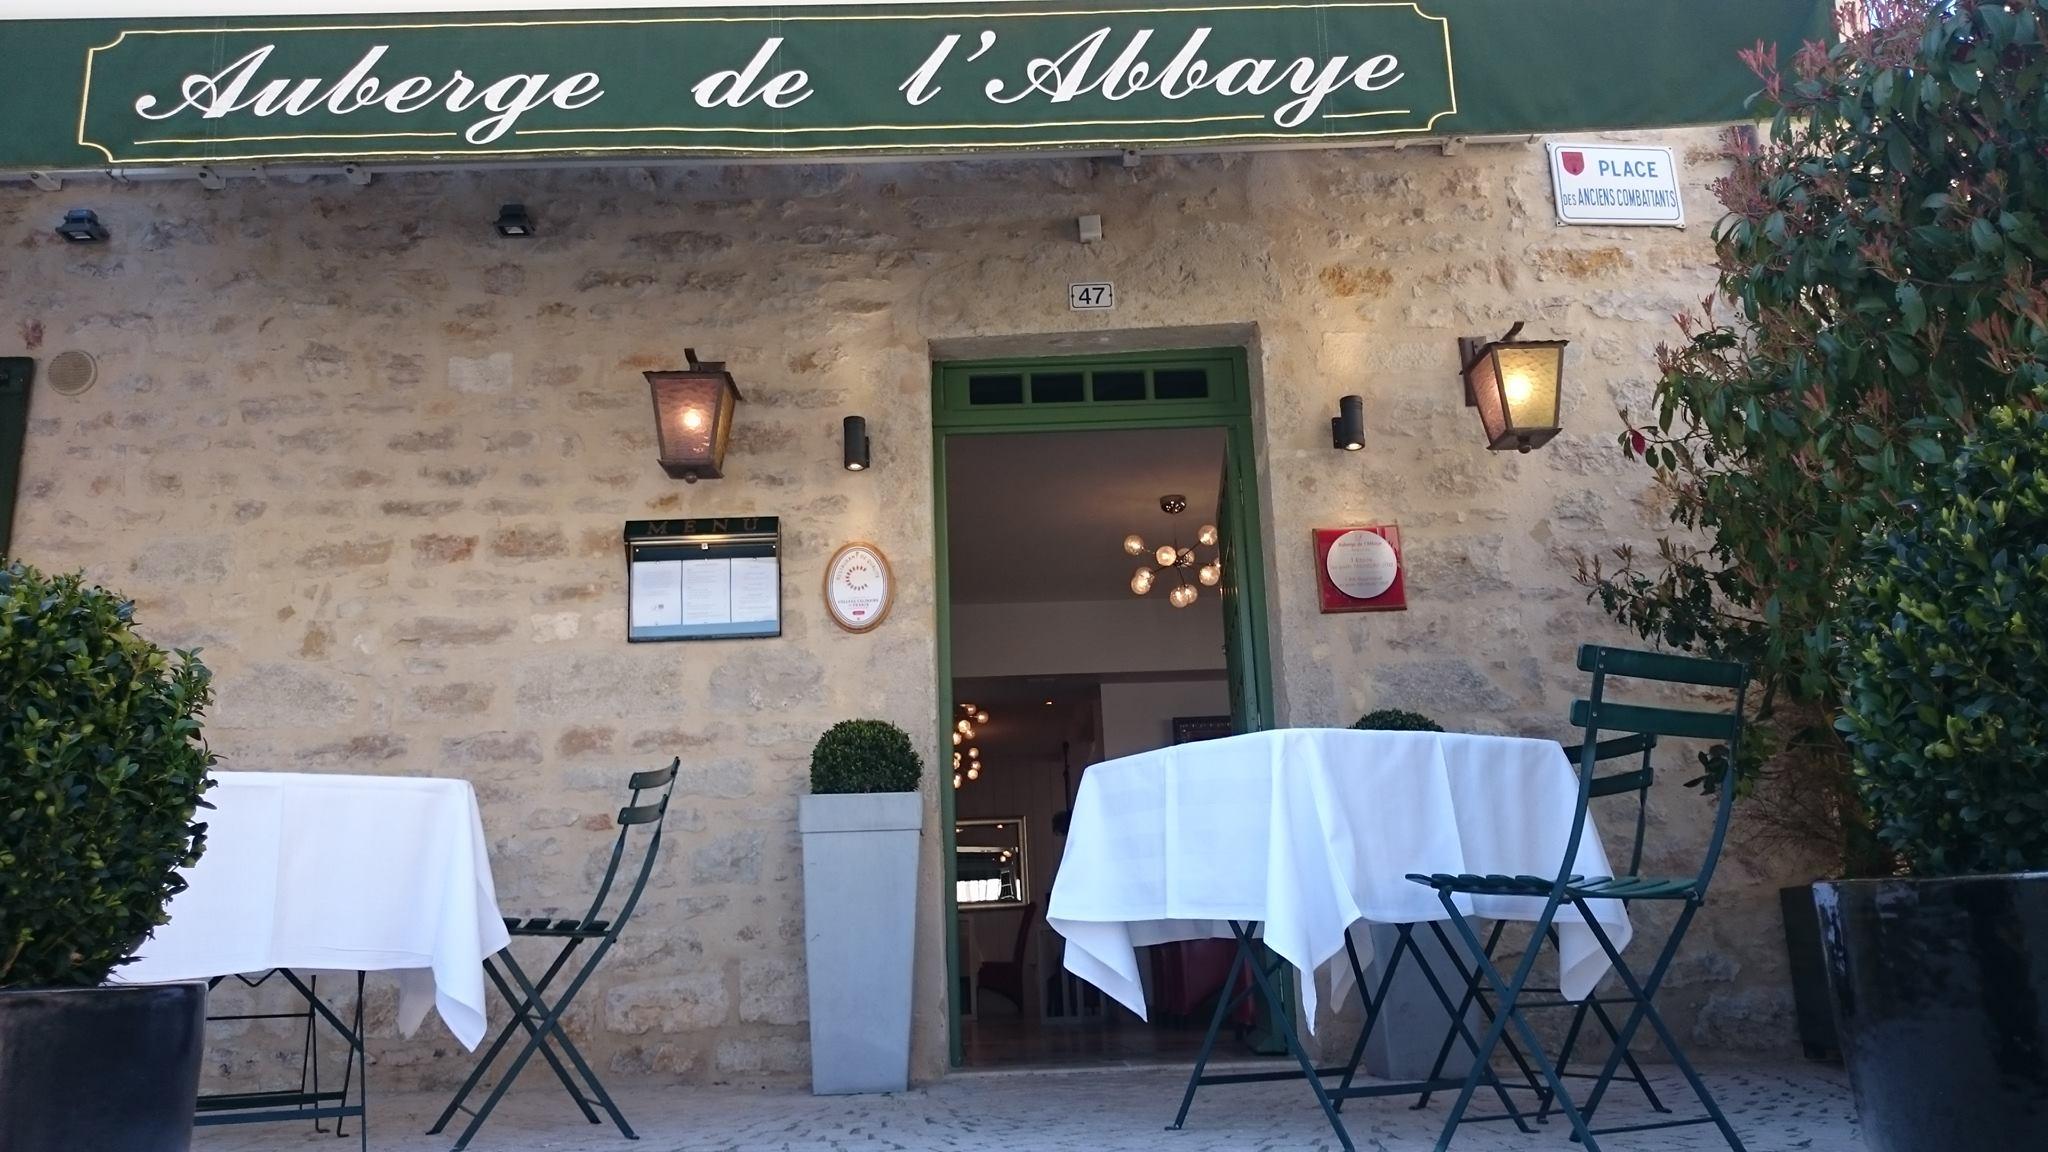 Adhérent AUBERGE DE L'ABBAYE - photo #3491